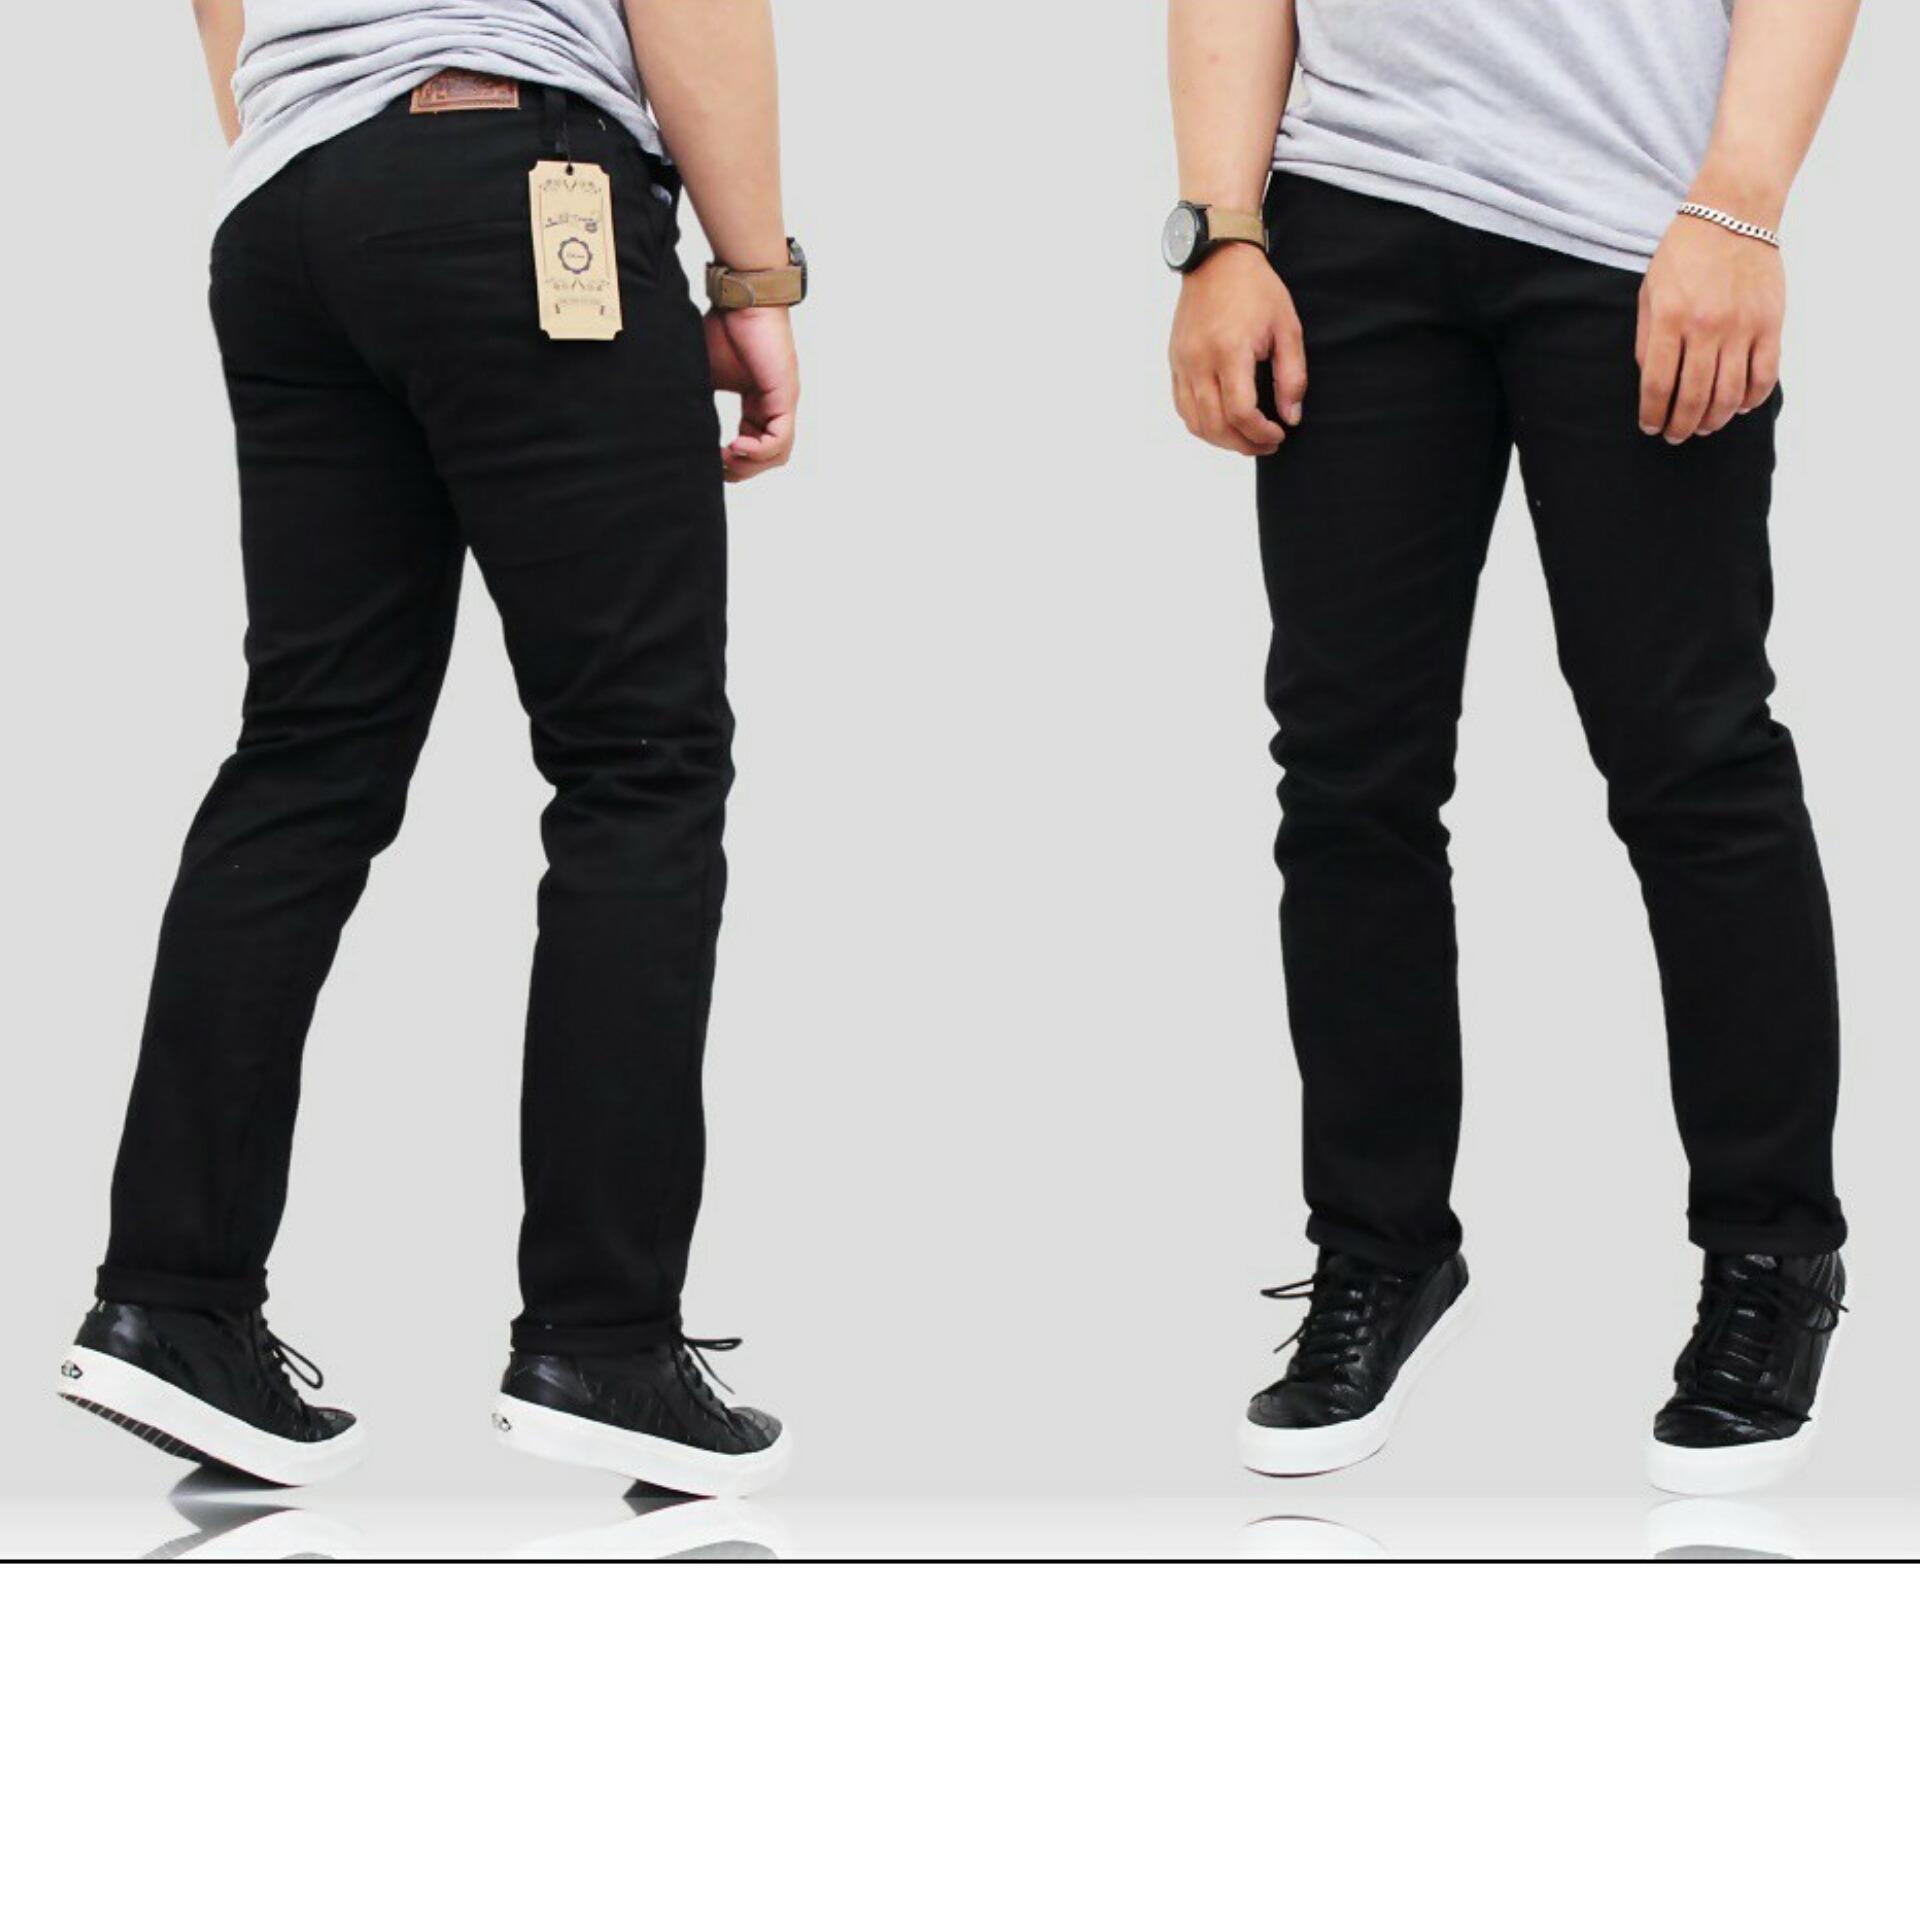 Fitur Celana Jeans Pria Fifteendenim Hitam Dan Harga Terbaru